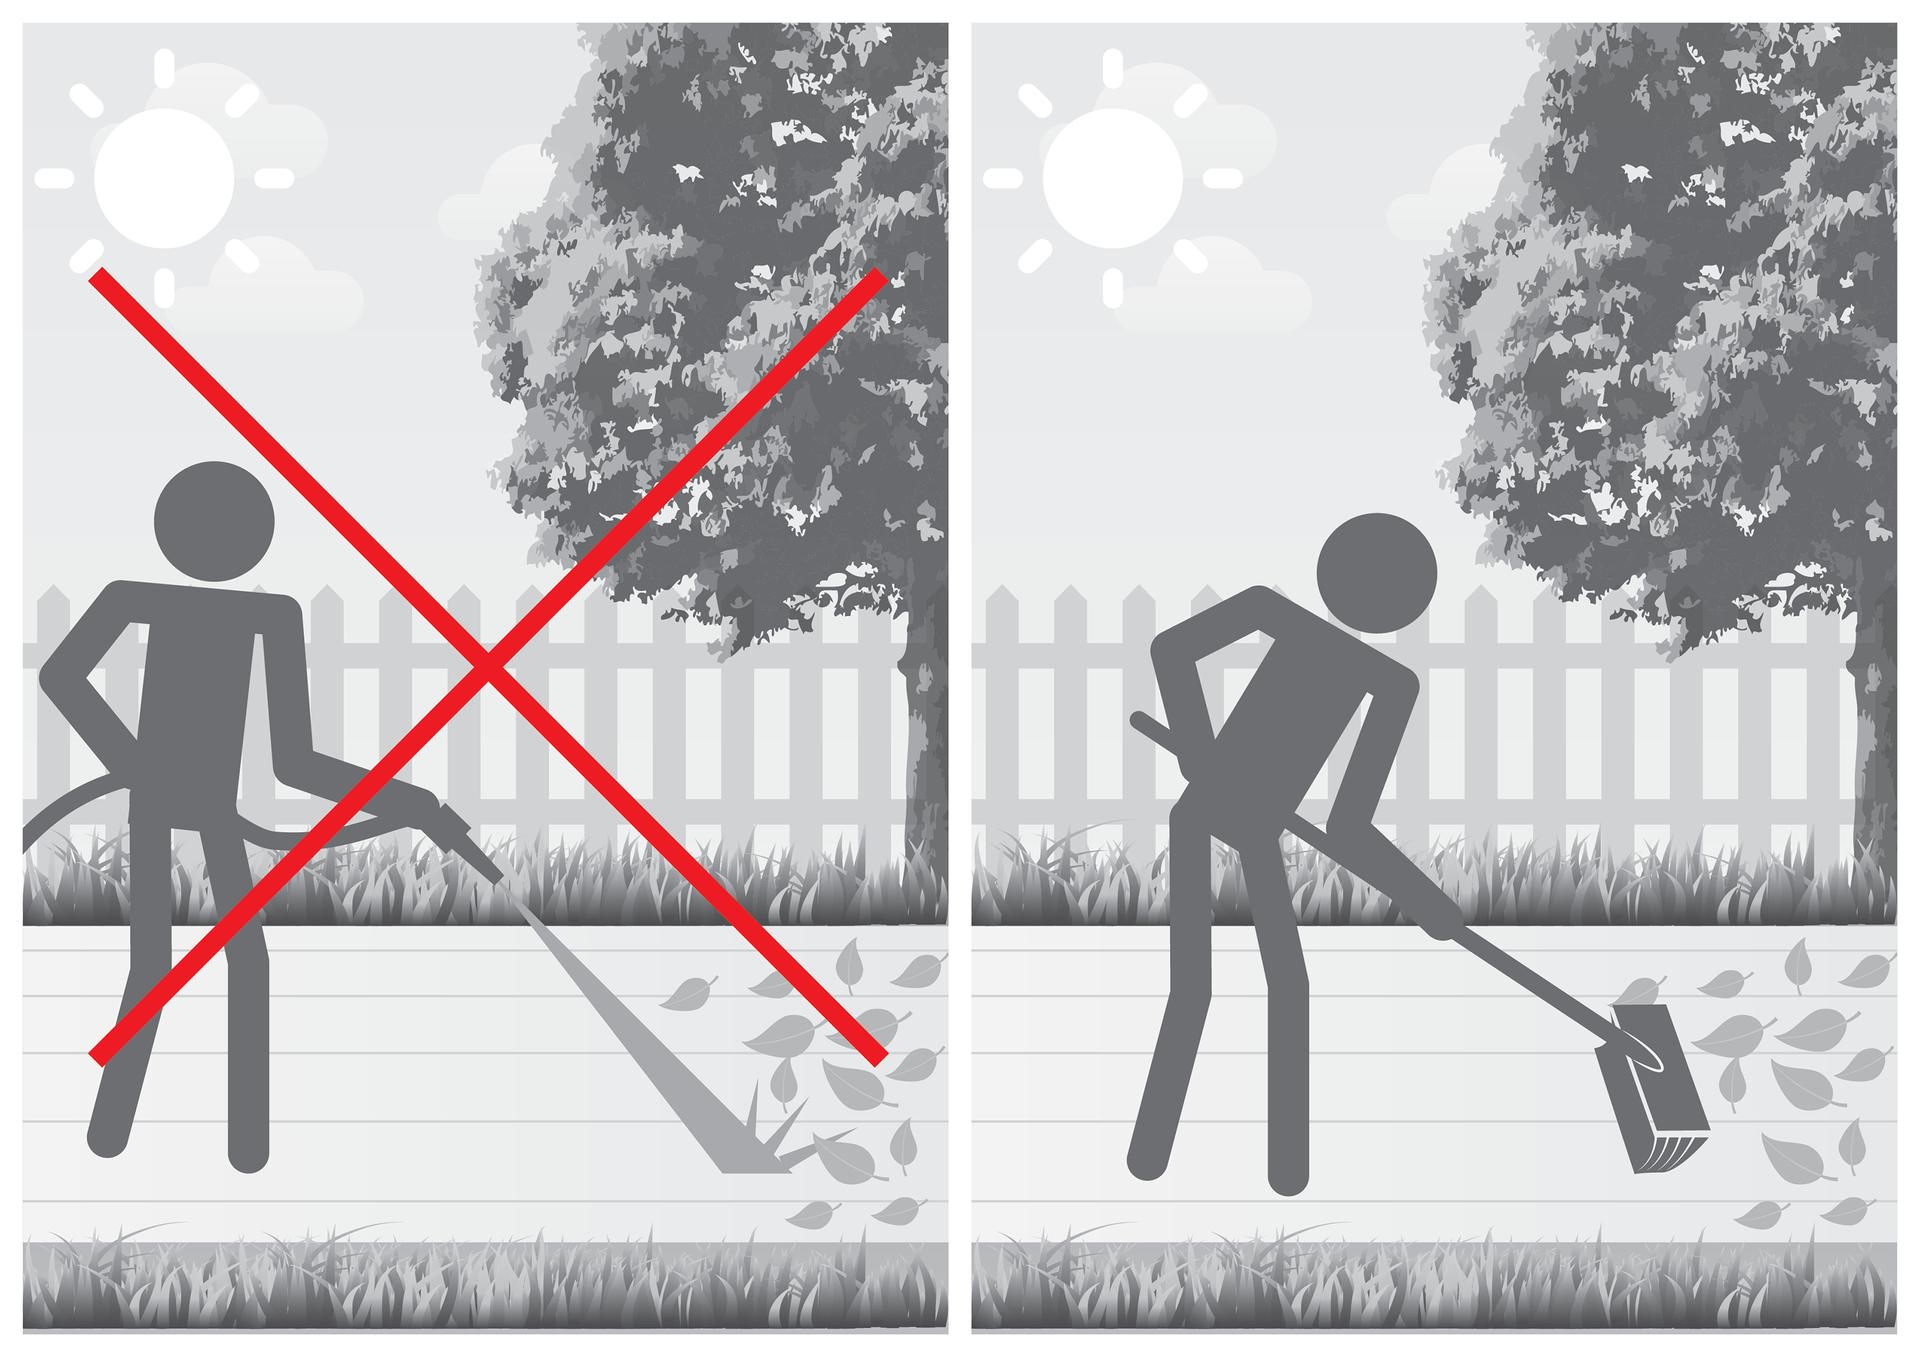 Trzecia ilustracja wgalerii. Przedstawia podwójny czarno biały rysunek przydomowego ogrodu zdrzewem po prawej stronie ipodjazdem lub chodnikiem. Symbolicznie przedstawiona sylwetka człowieka sprzątającego opadnięte liście zpodjazdu lub chodnika. Wariant po lewej stronie przedstawia usuwanie liści poprzez zmywanie ich wodą zwęża pod ciśnieniem. Rysunek jest przekreślony czerwonym krzyżem. Wariant po prawej stronie przedstawia zamiatanie liści szeroką szczotką.